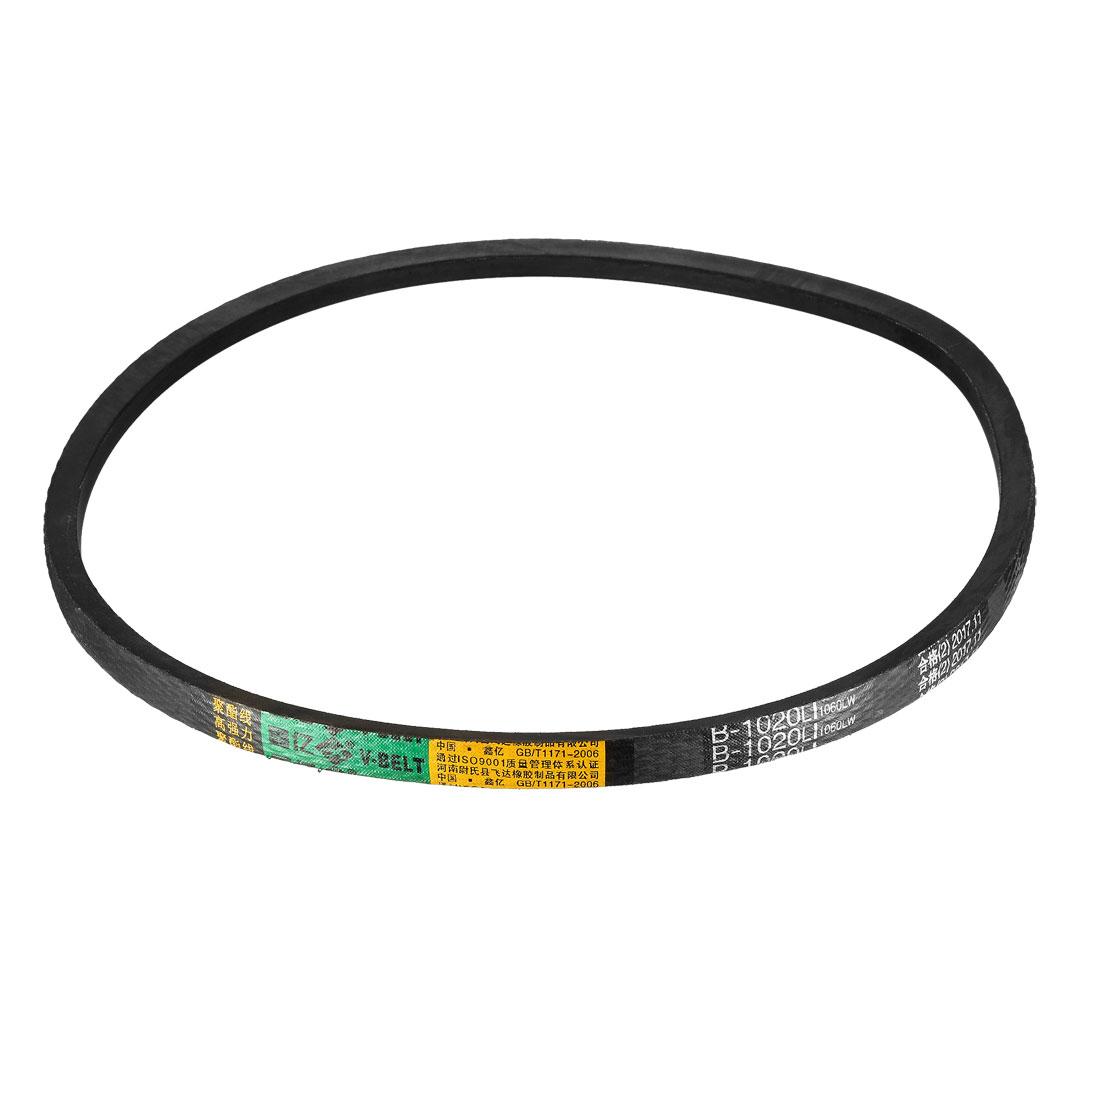 B-1020/B40 Drive V-Belt Inner Girth 40-inch Industrial Power Rubber Belt